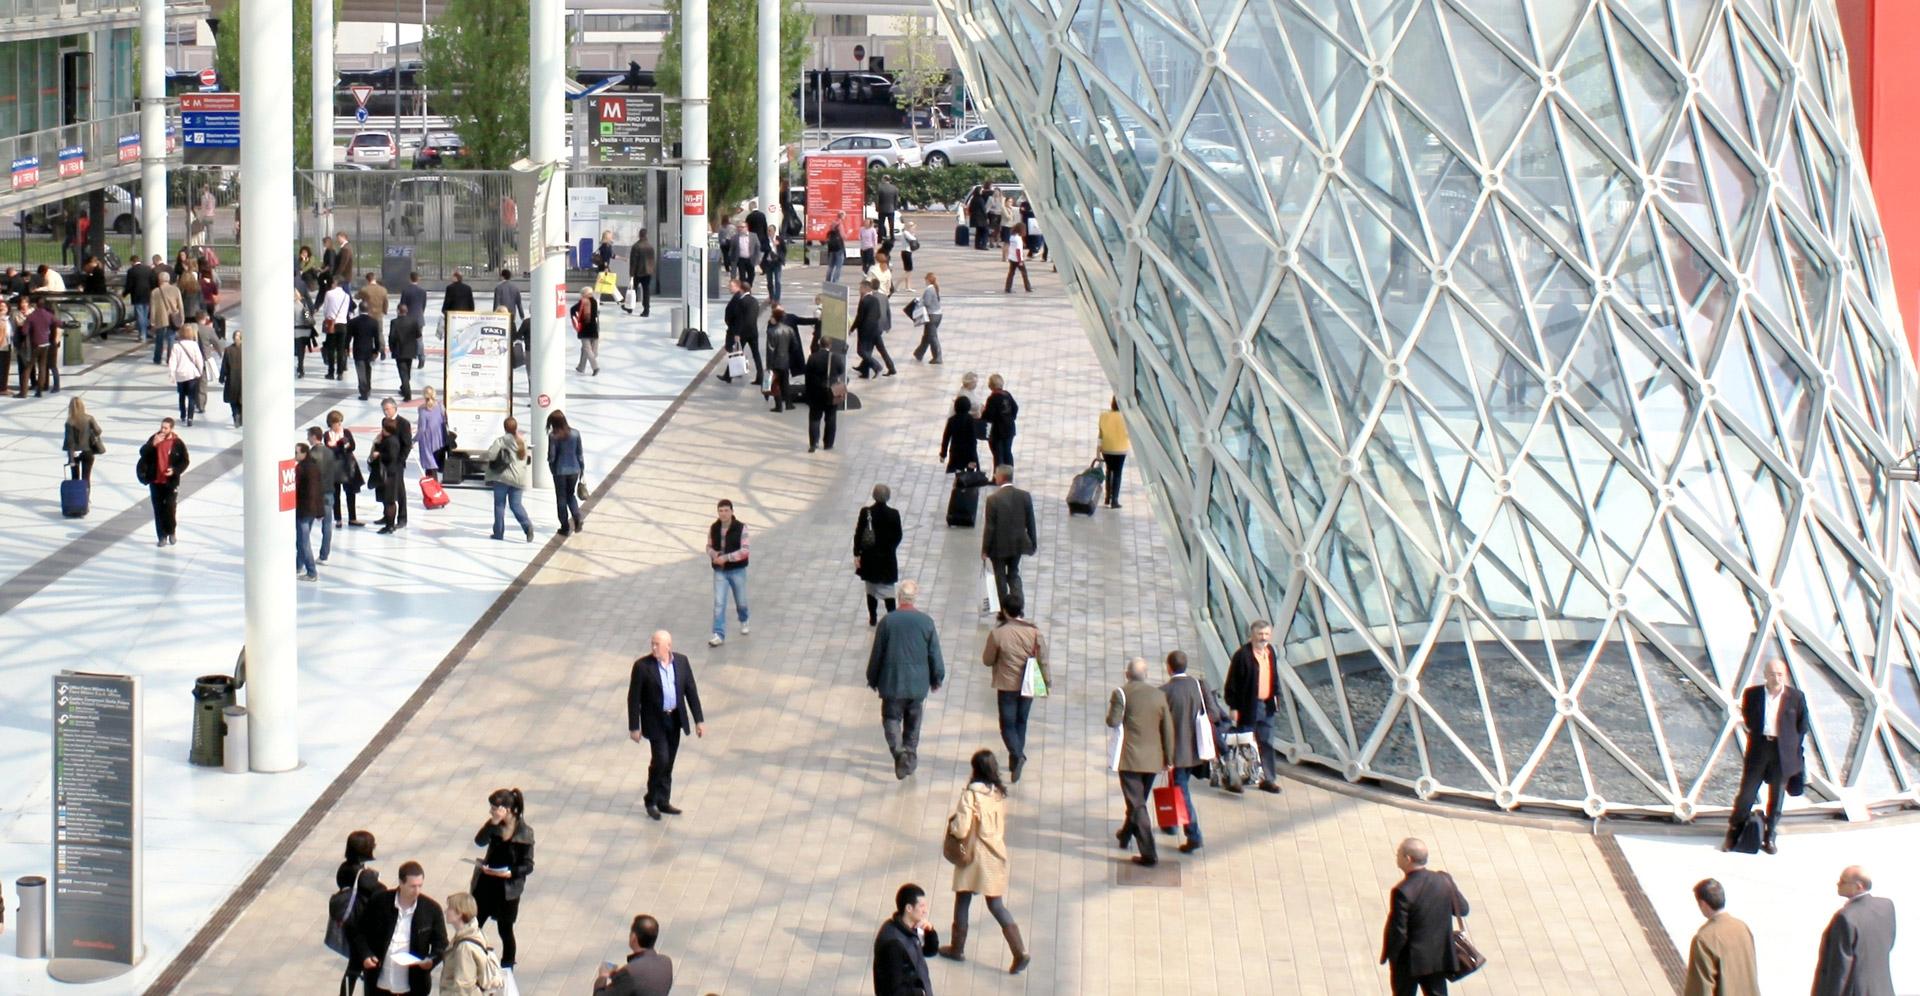 Expo 2015 prepararsi all 39 inizio dell 39 esposizione universale for Esposizione universale expo milano 2015